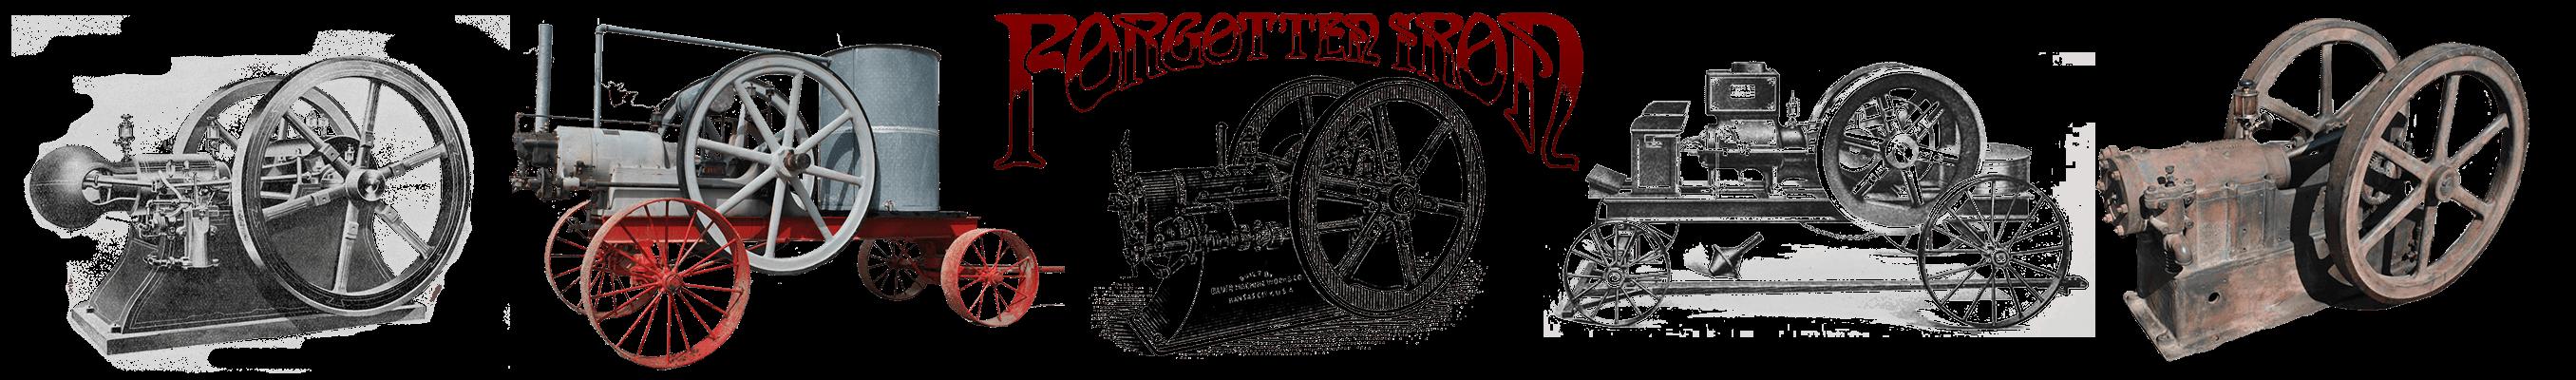 Forgotten Iron